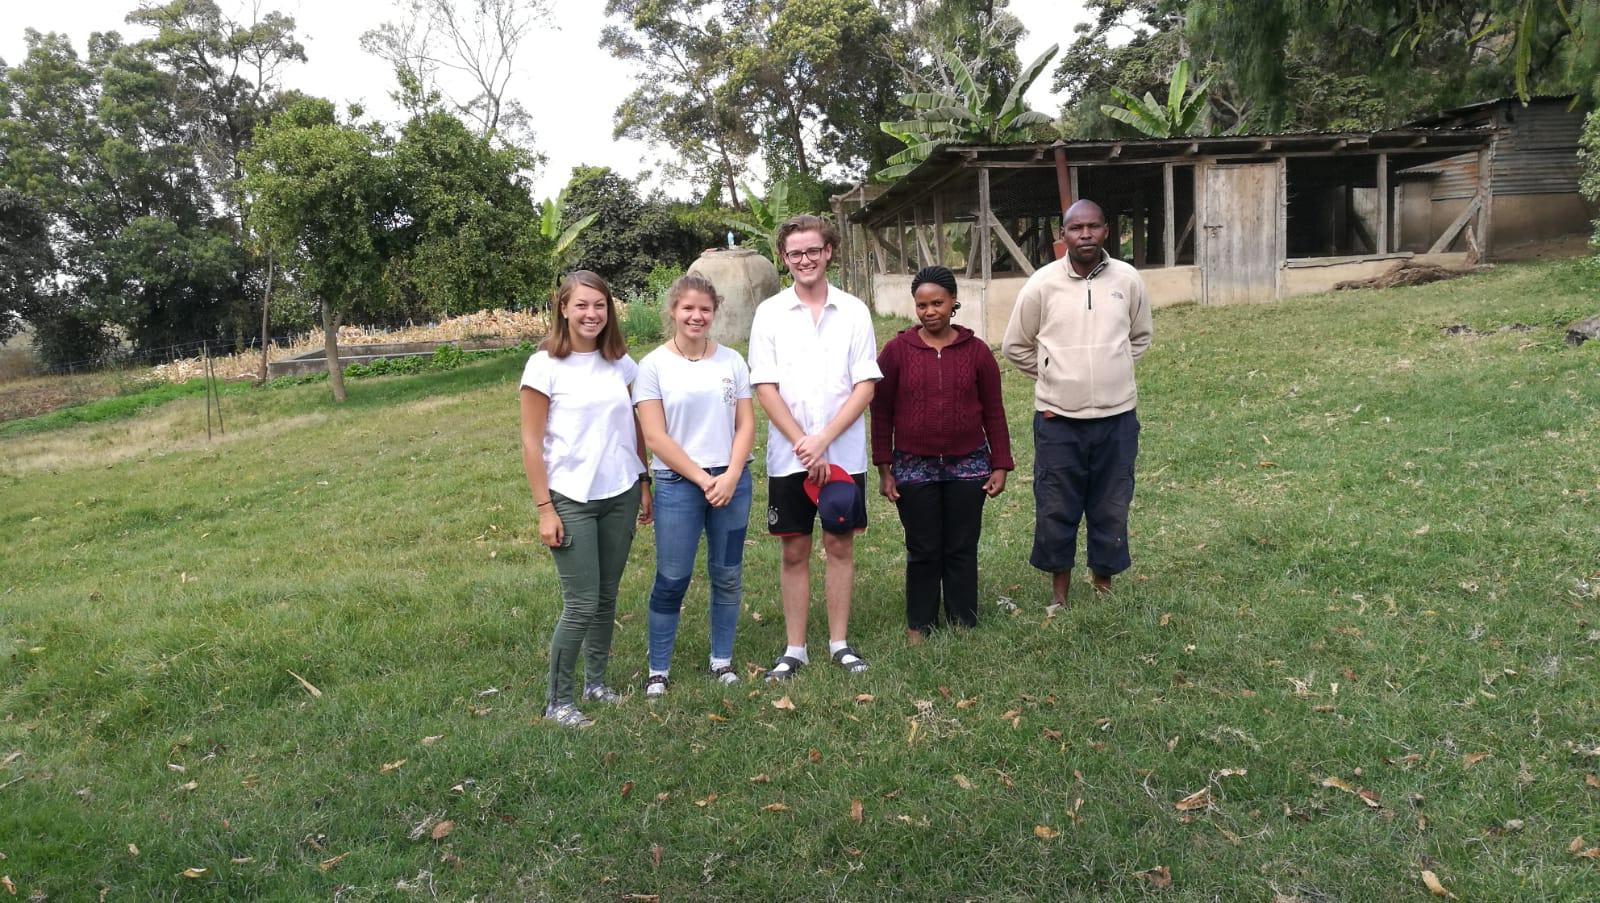 Unsere jungen Mitglieder in Tansania